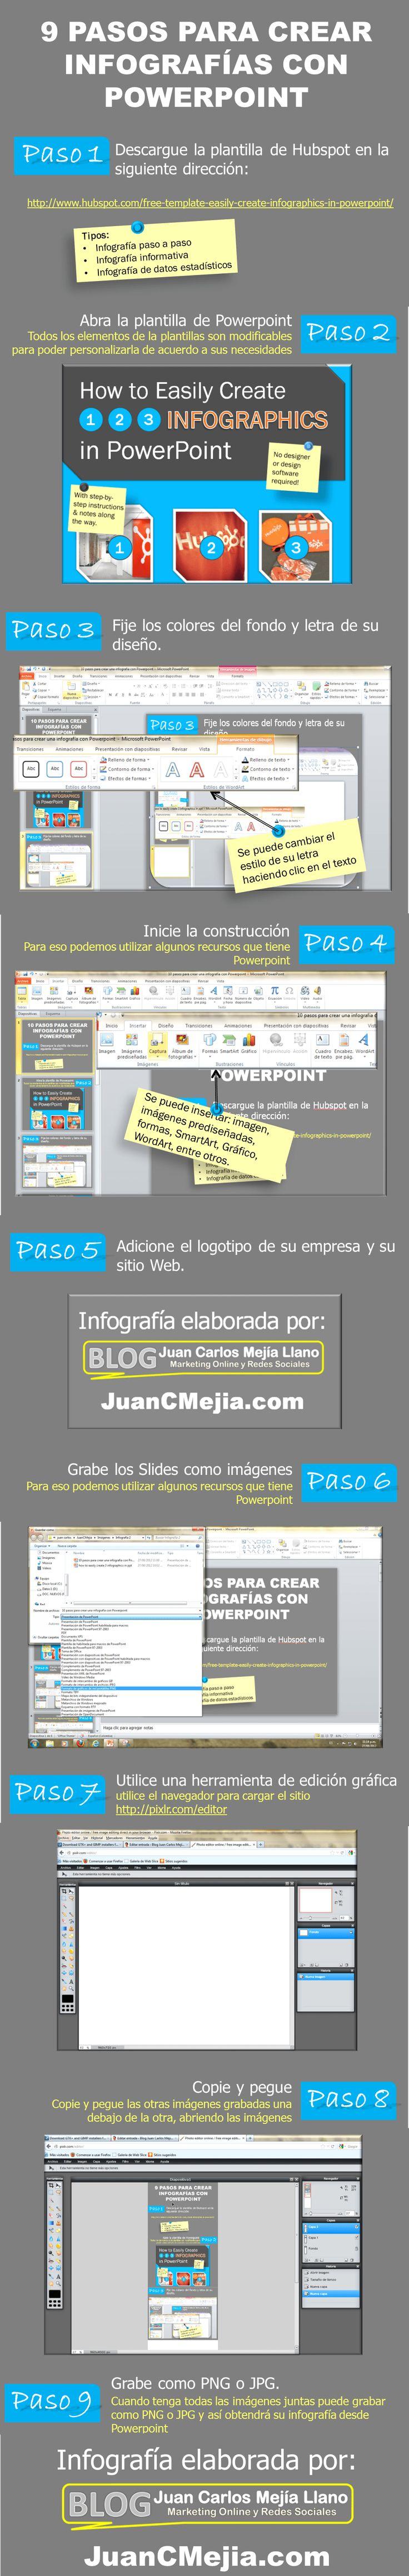 Cómo crear infografías con PwoerPoint